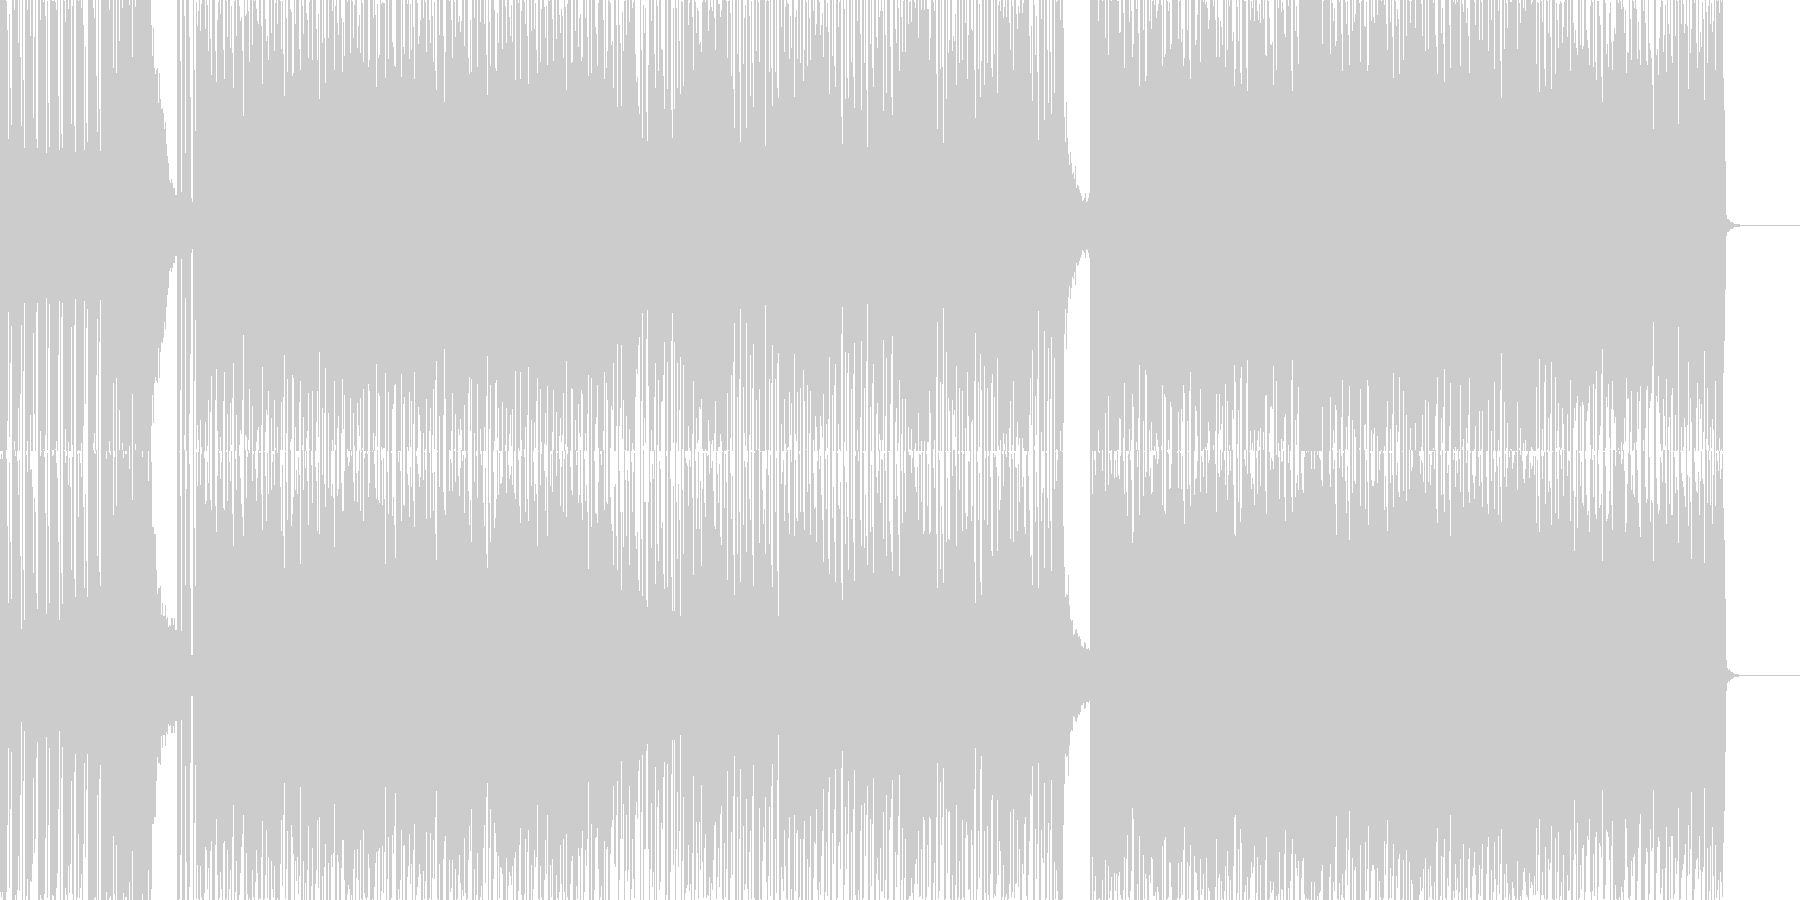 琴やフルートを使用した和風ロック曲の未再生の波形